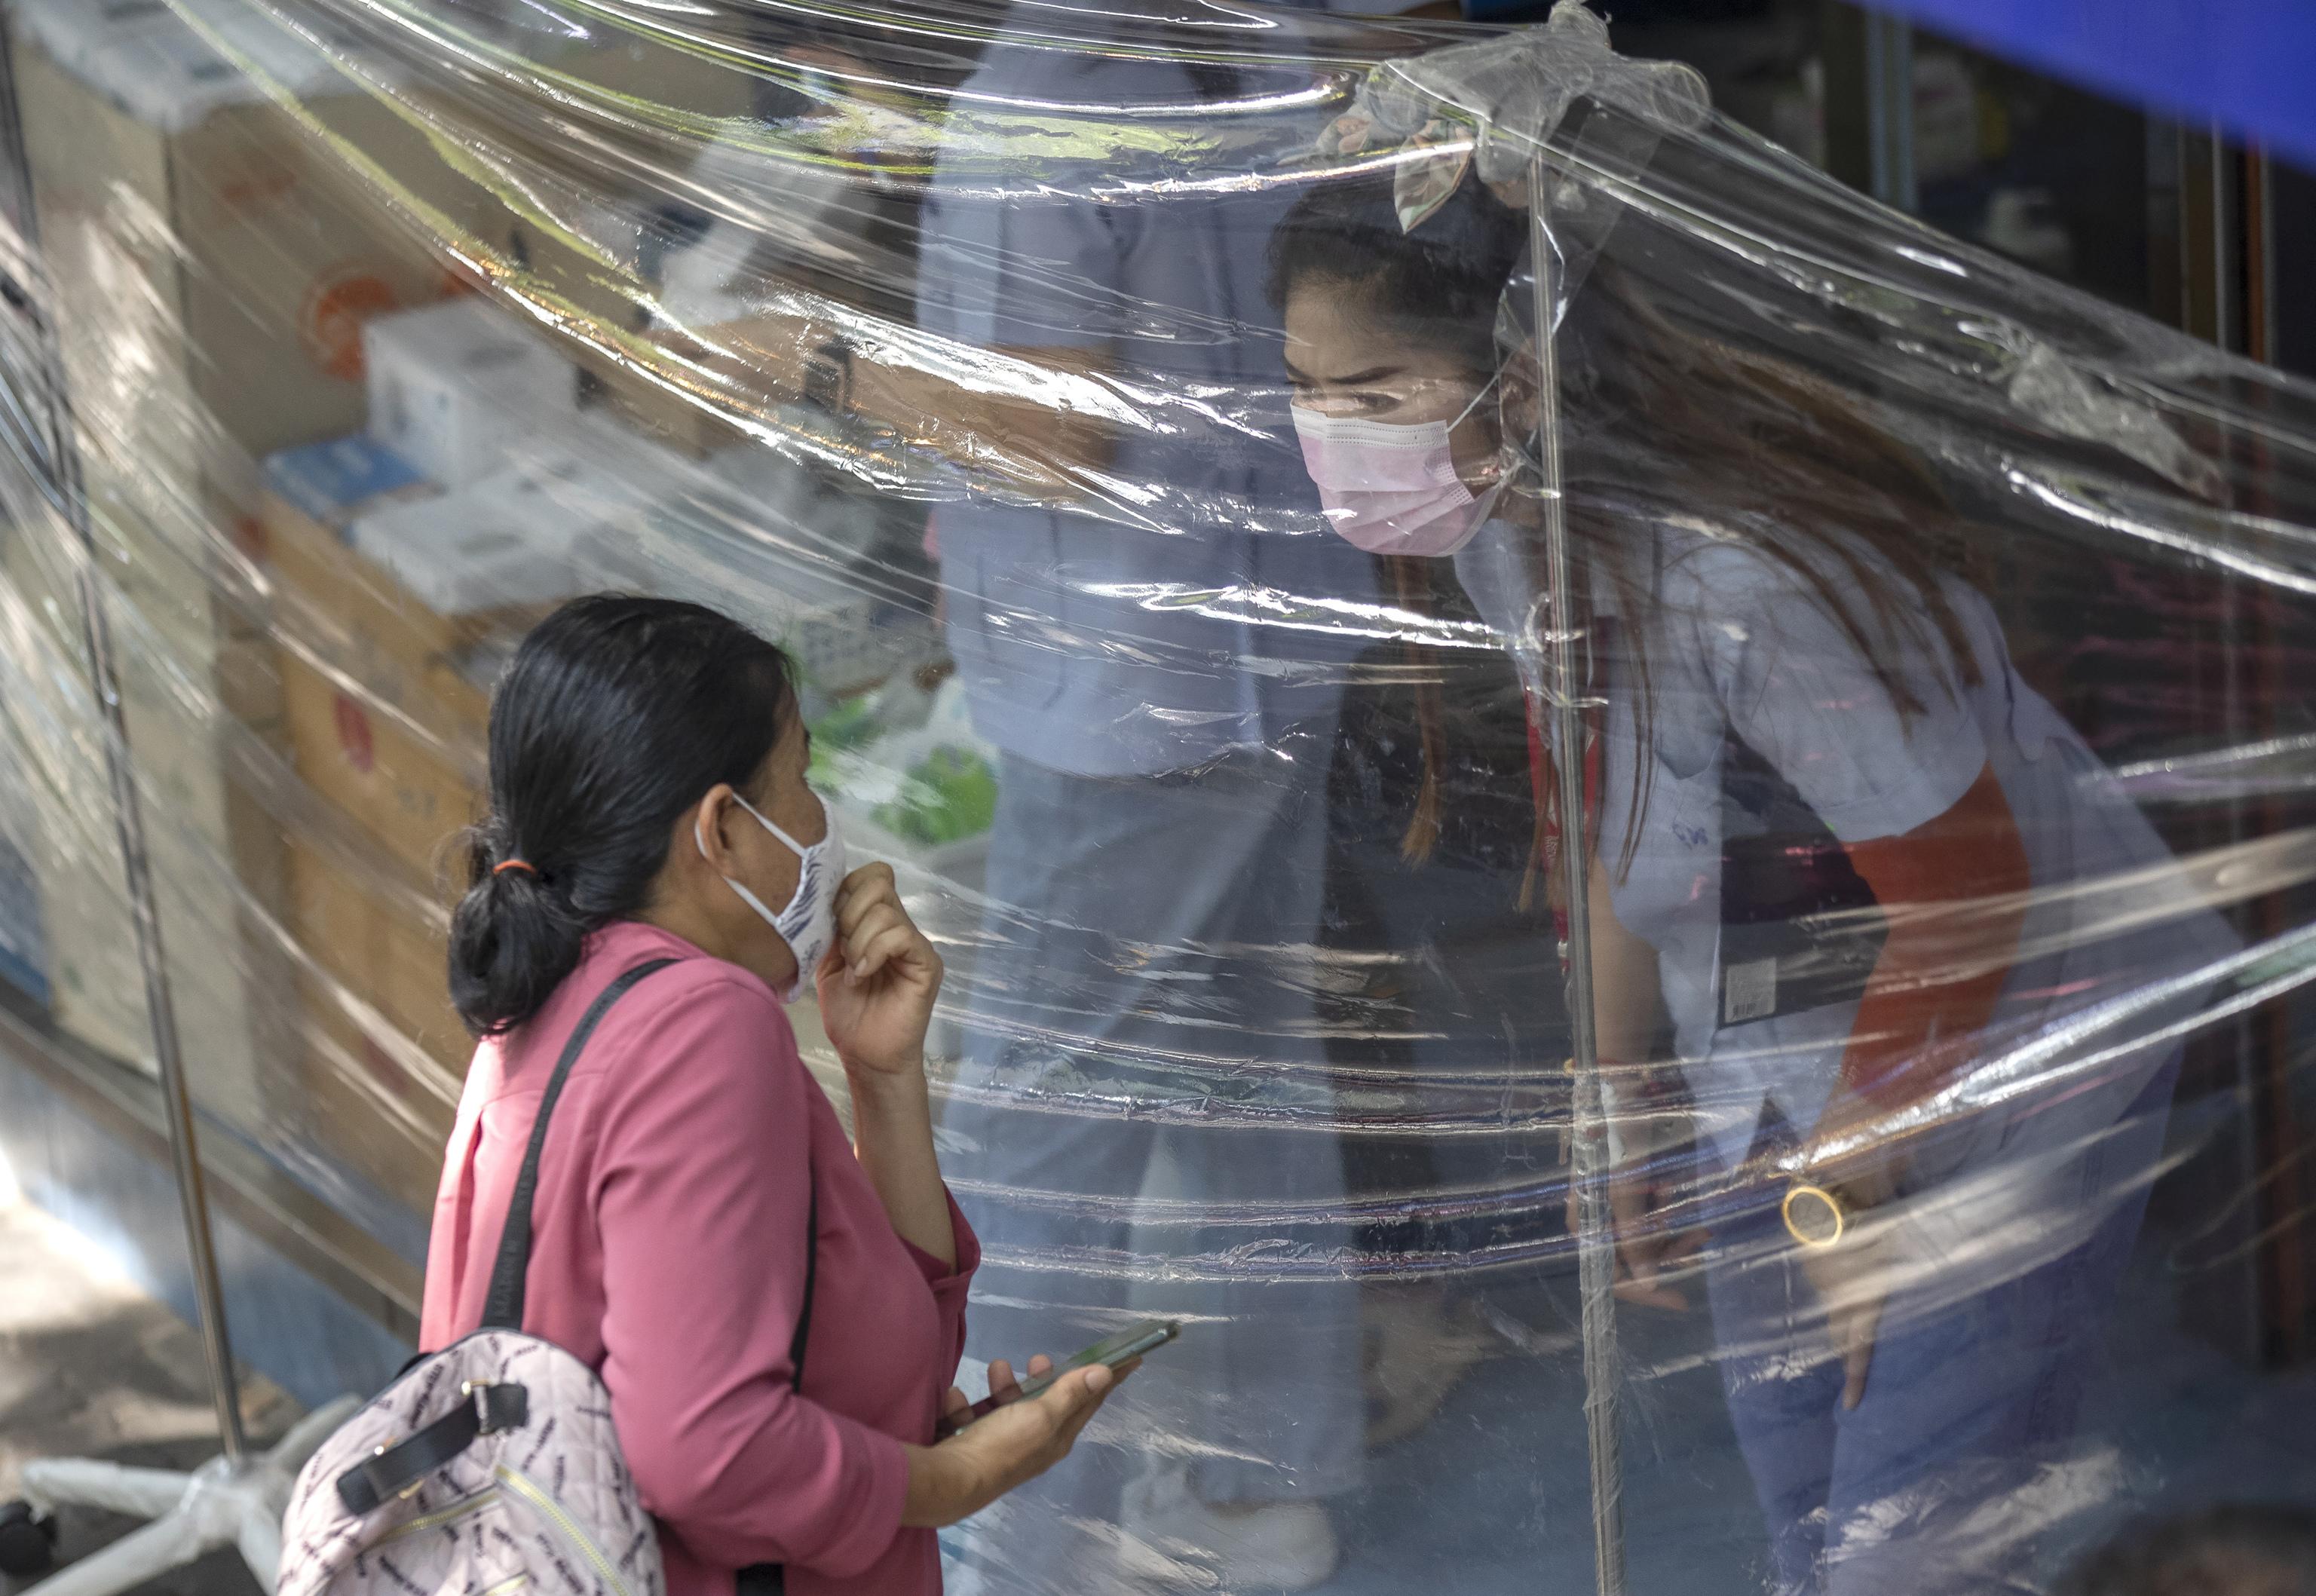 اقدامات علیه کوید در فروشگاهی در بانکوک.